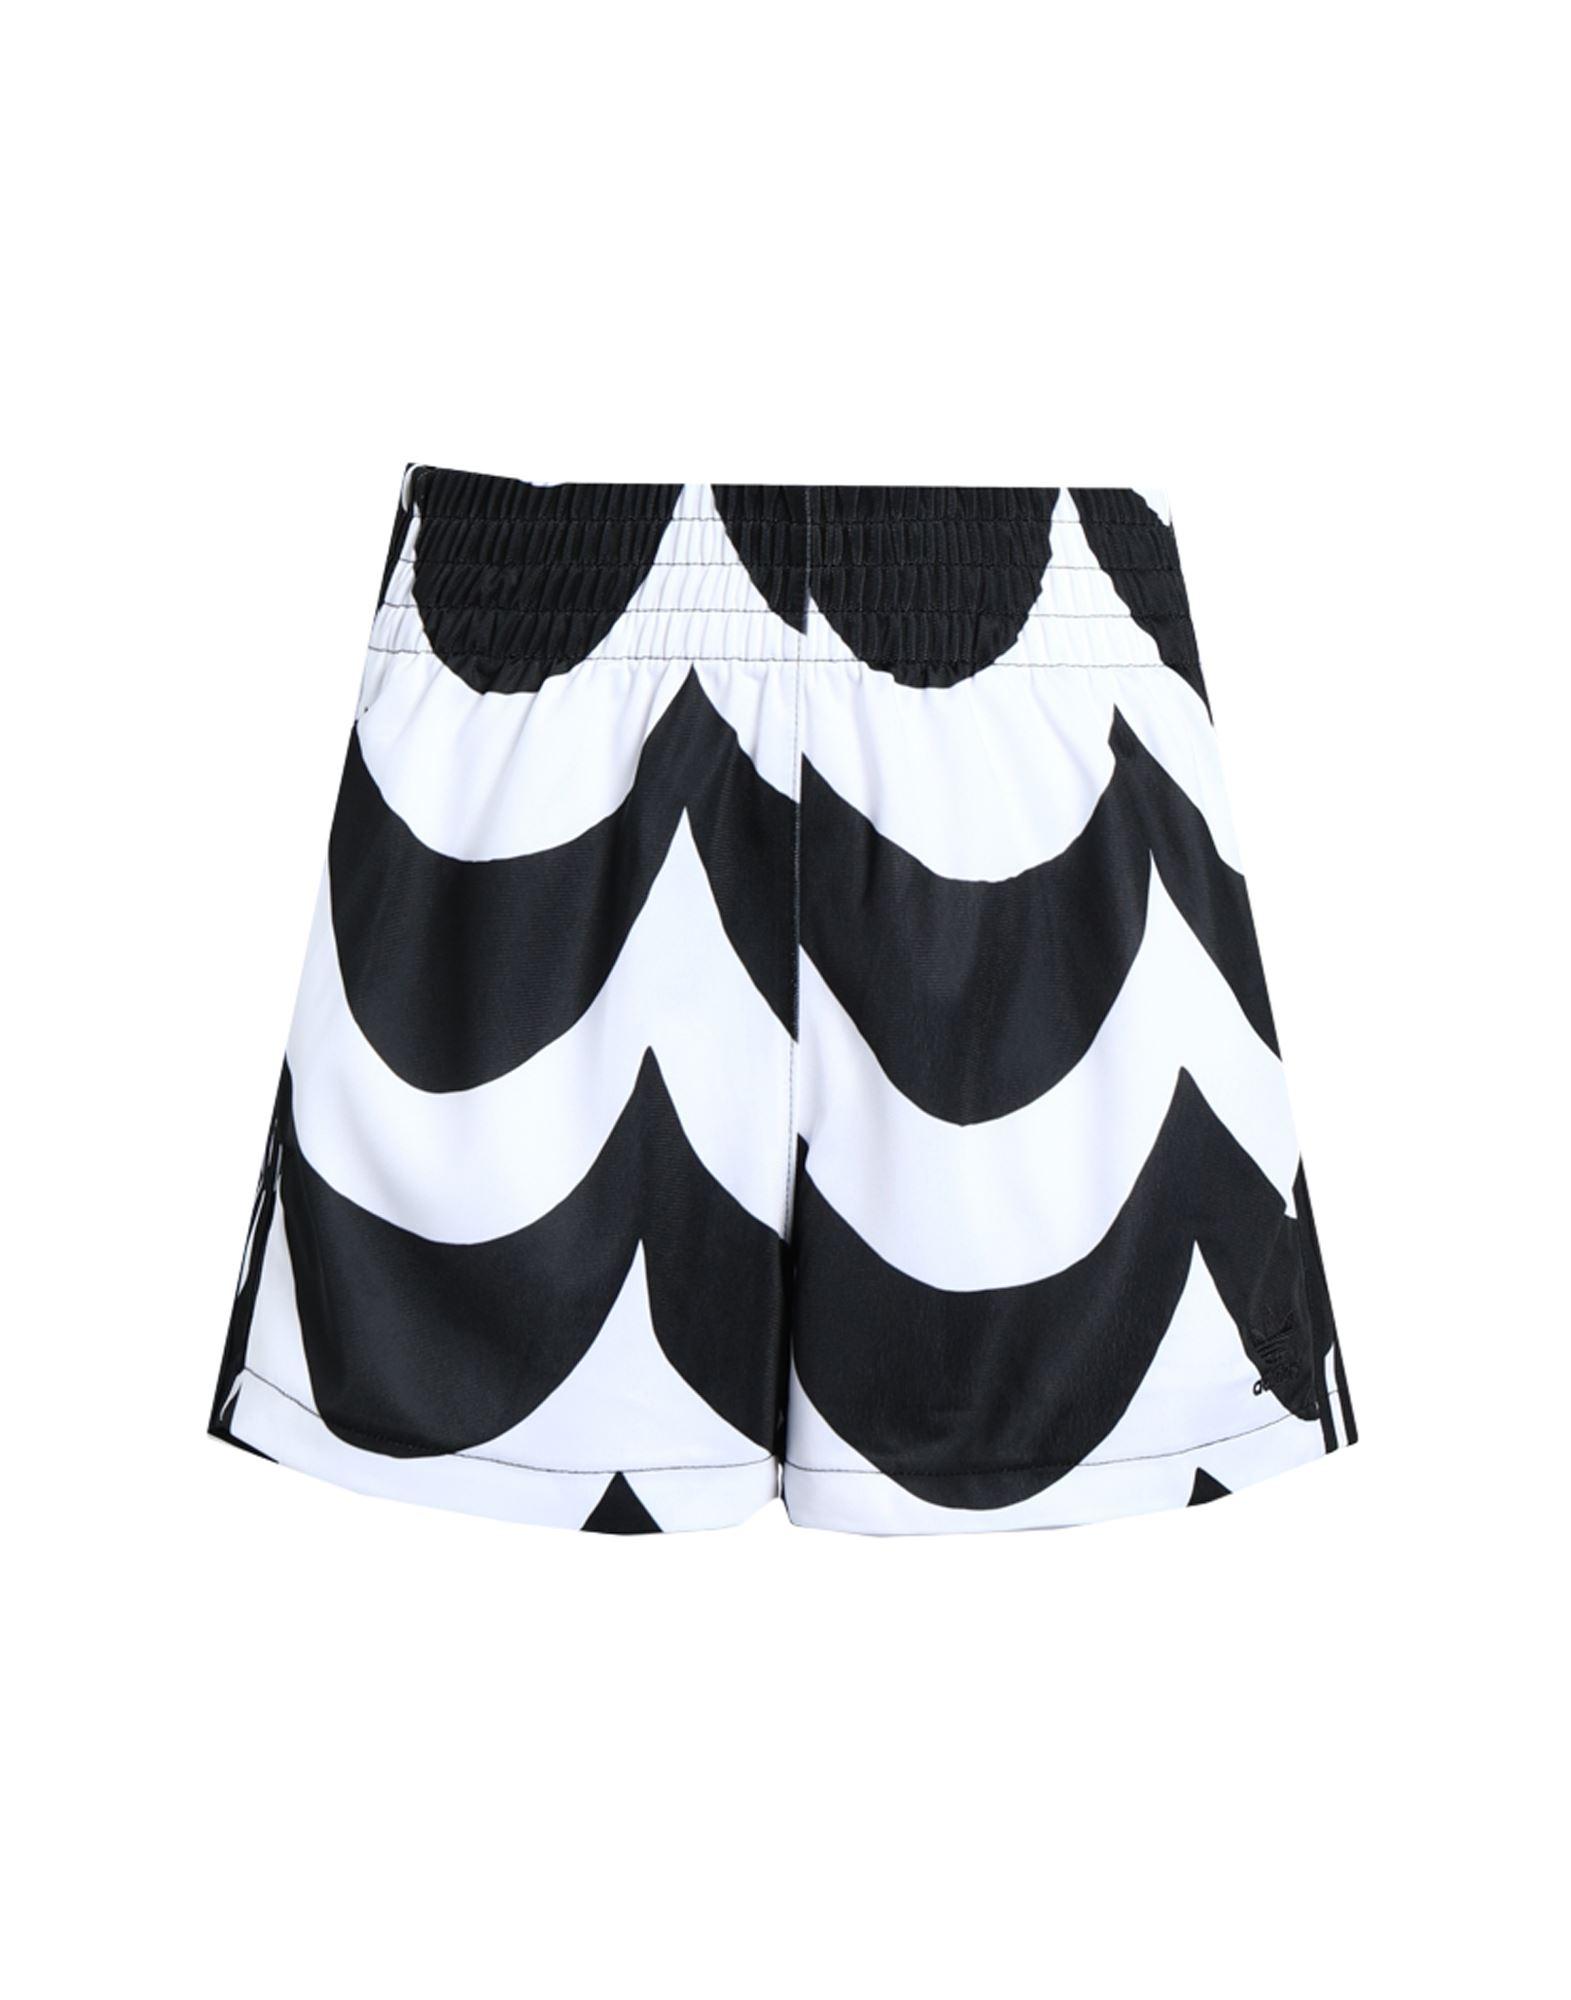 шорты с вшитыми лосинами adidas tiro19 2in1 sho d95934 ADIDAS x MARIMEKKO Шорты и бермуды